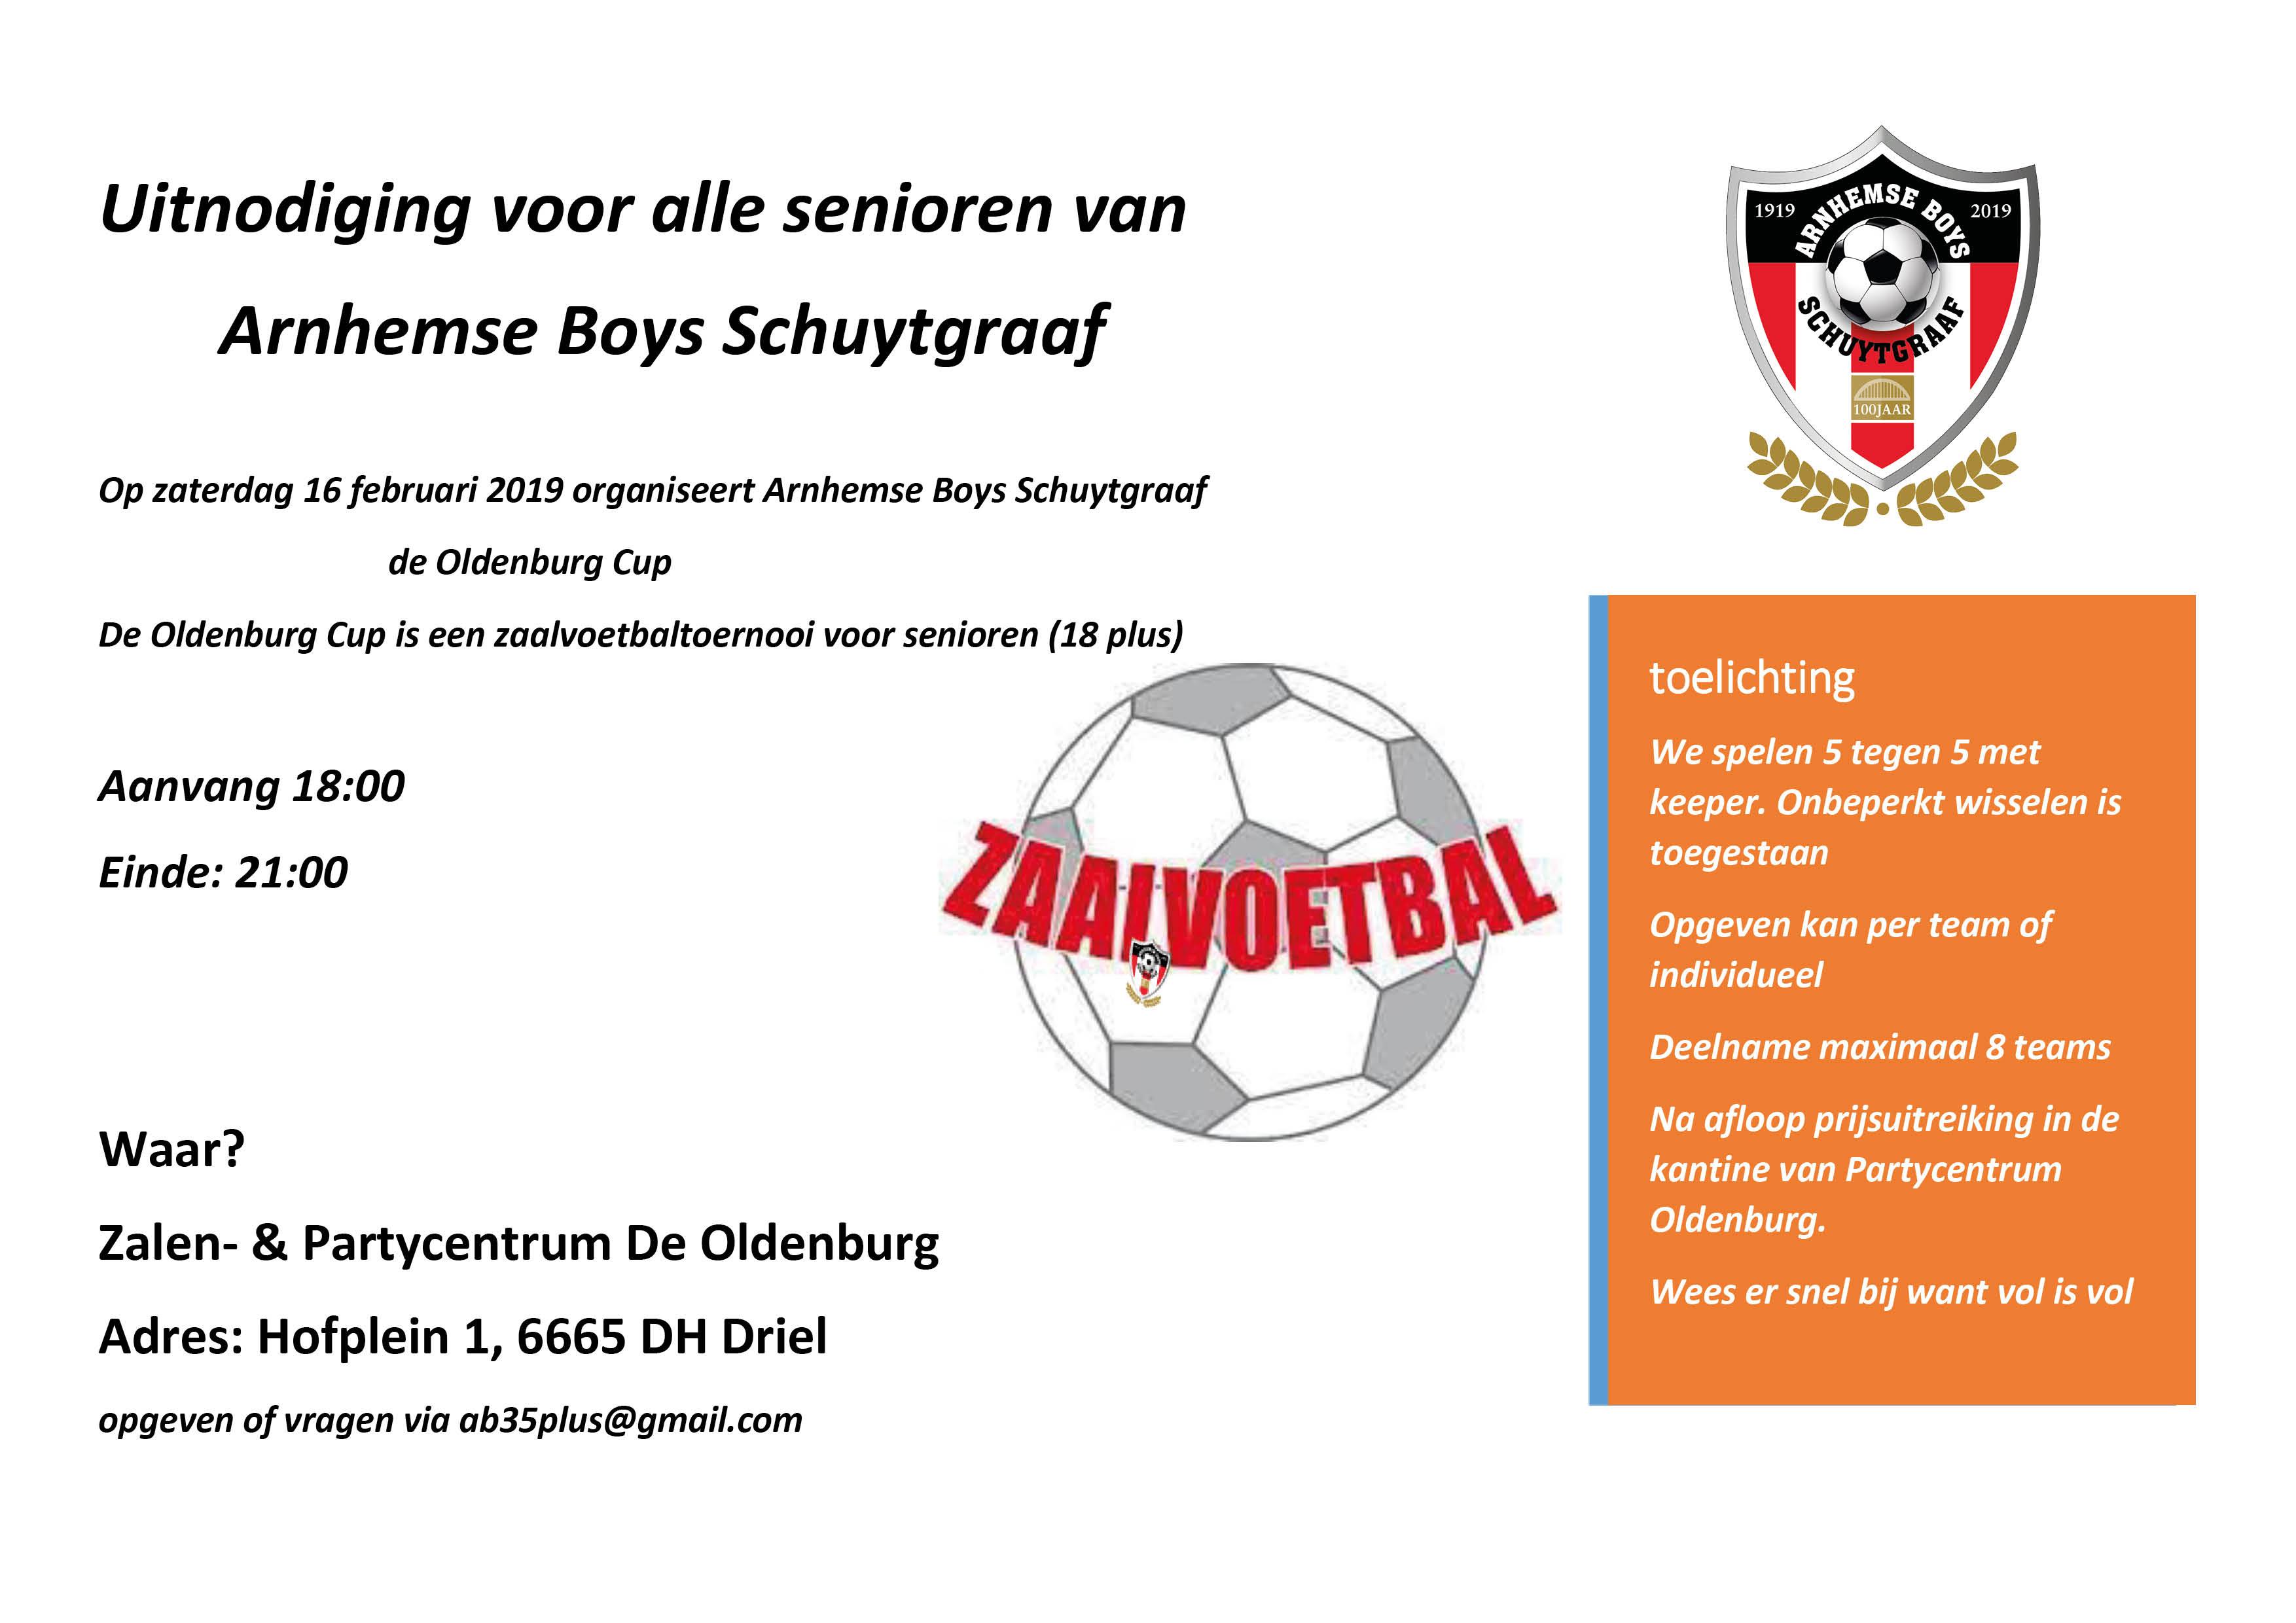 De Oldenburg Cup - Arnhemse Boys Schuytgraaf